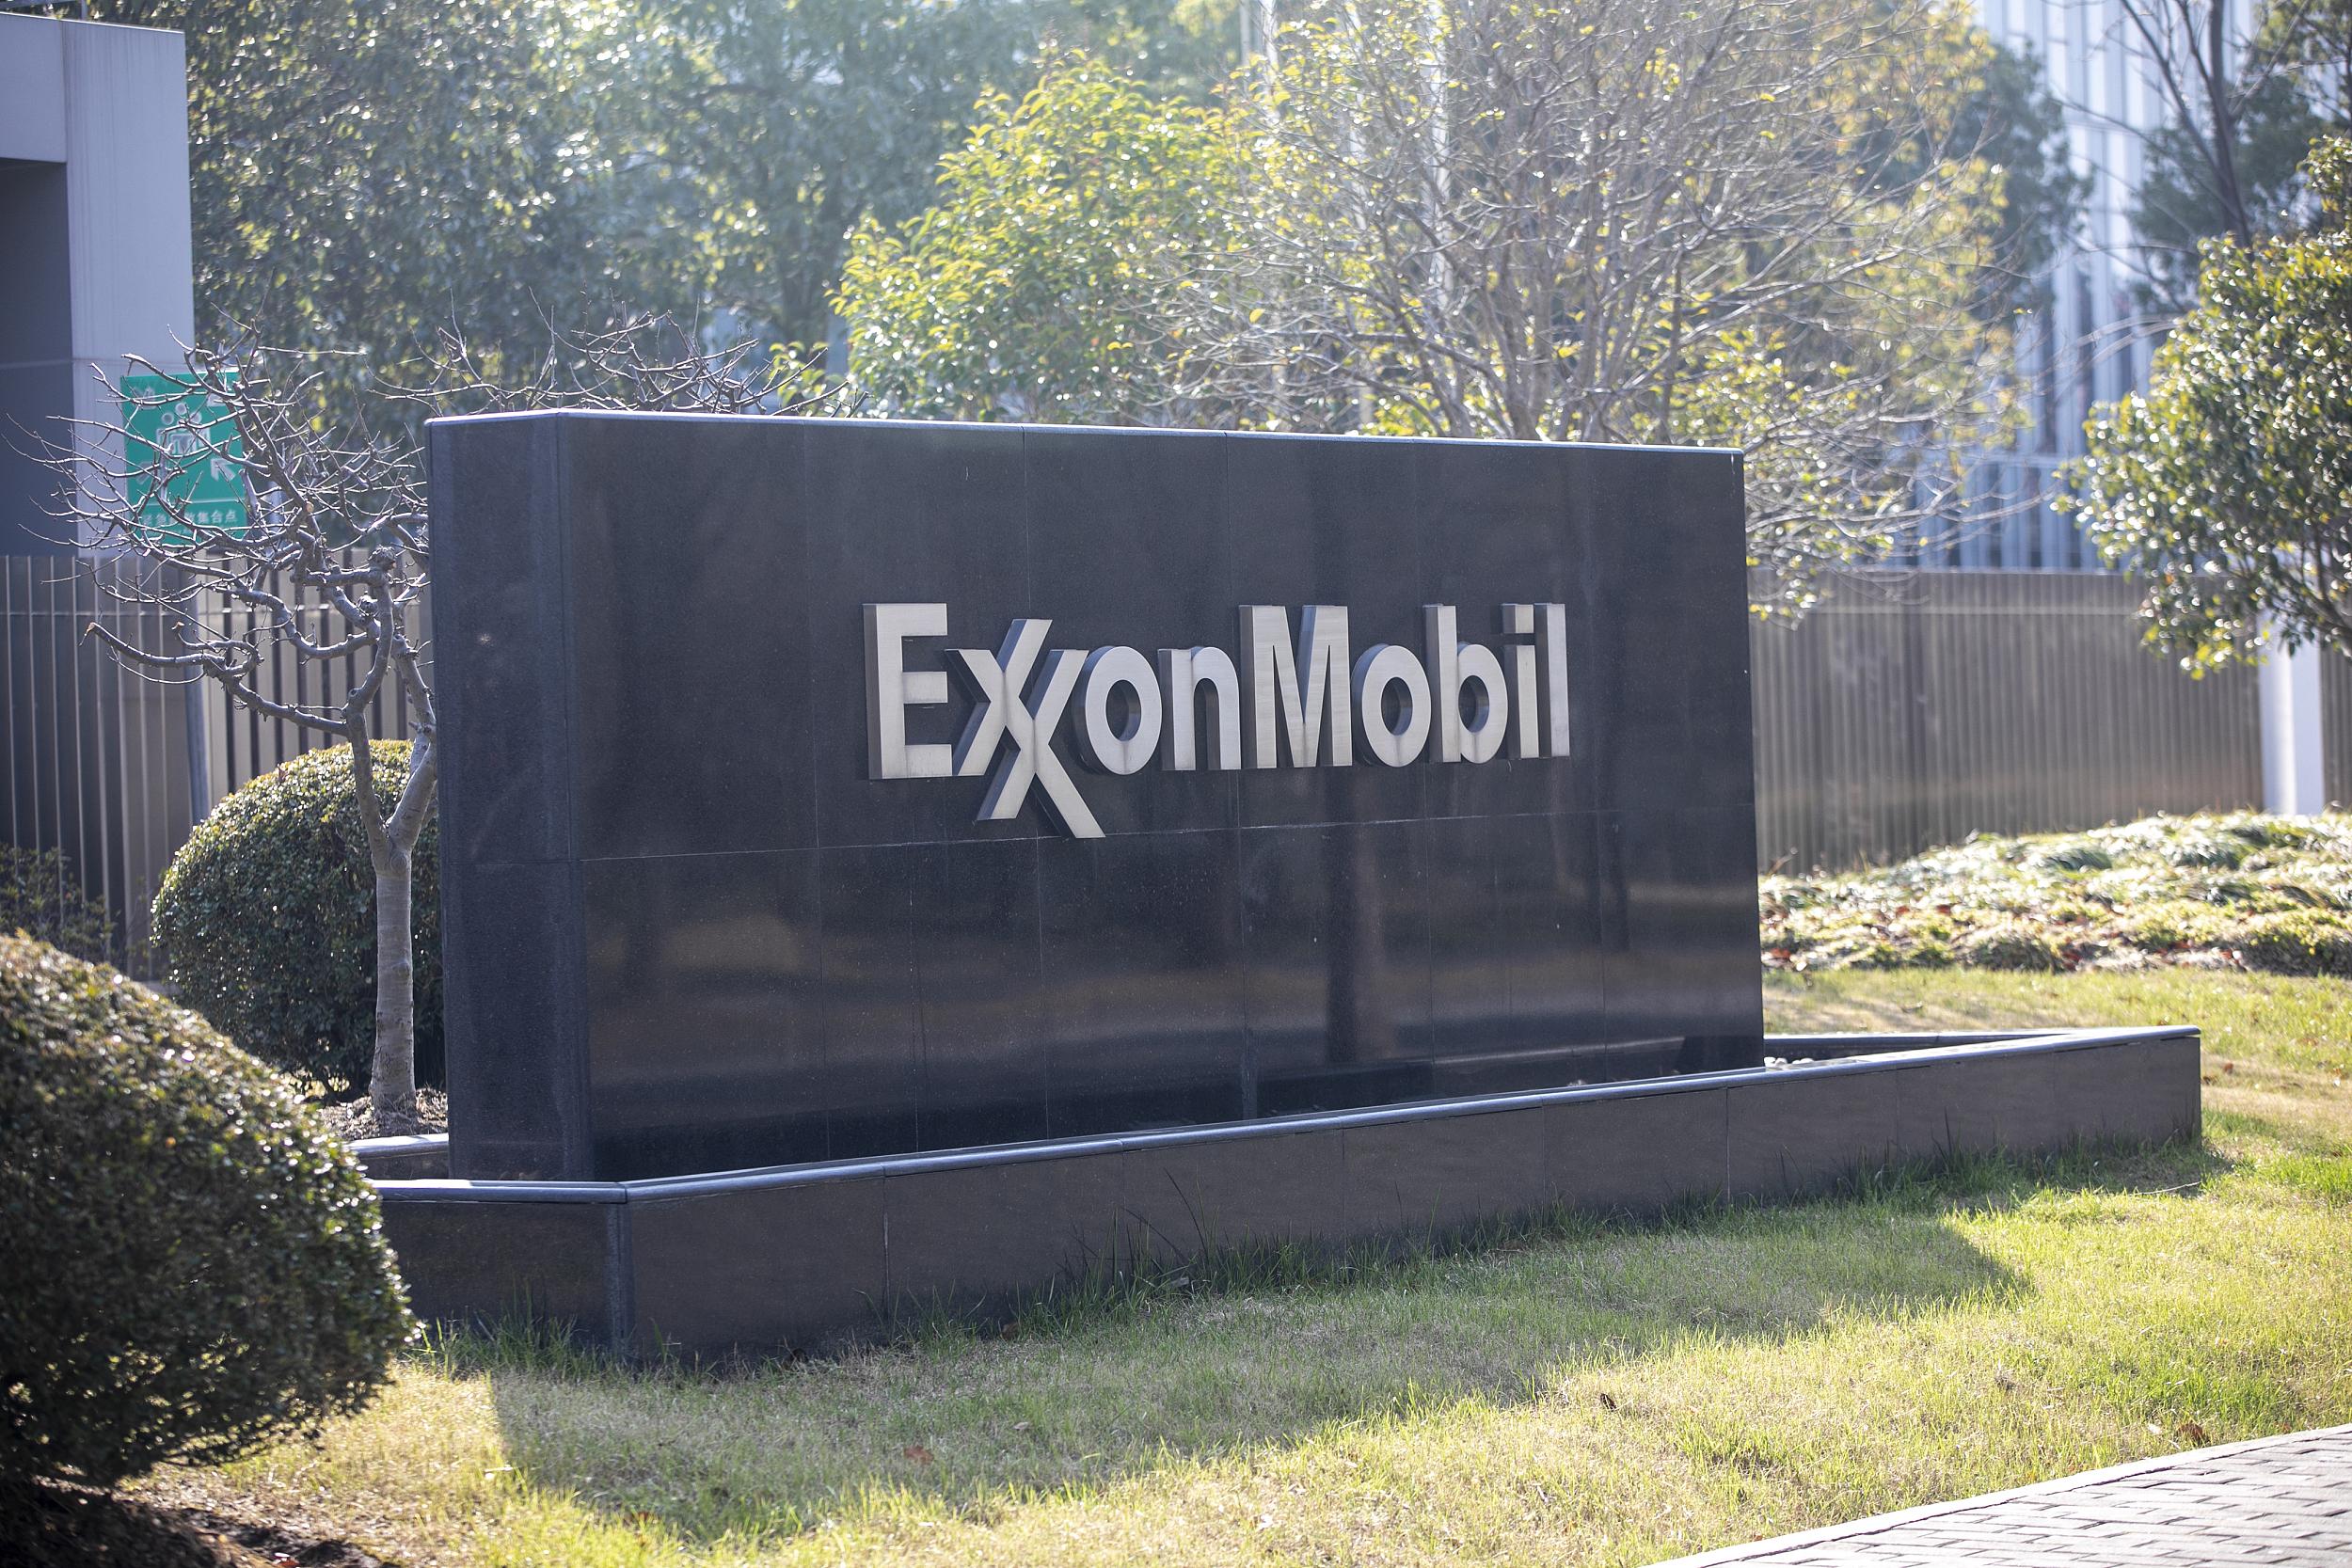 石油巨头转身!埃克森美孚计划2050年实现碳中和